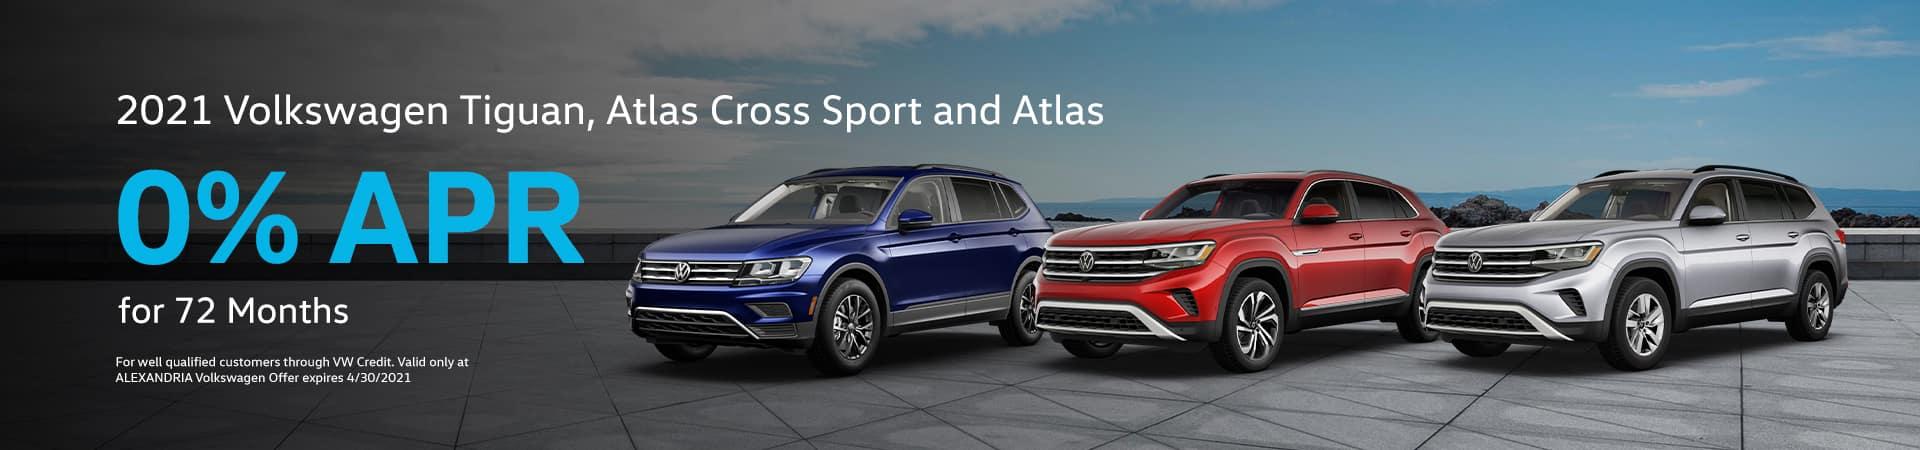 2021 Volkswagen Tiguan, Atlas Cross Sport and Atlas